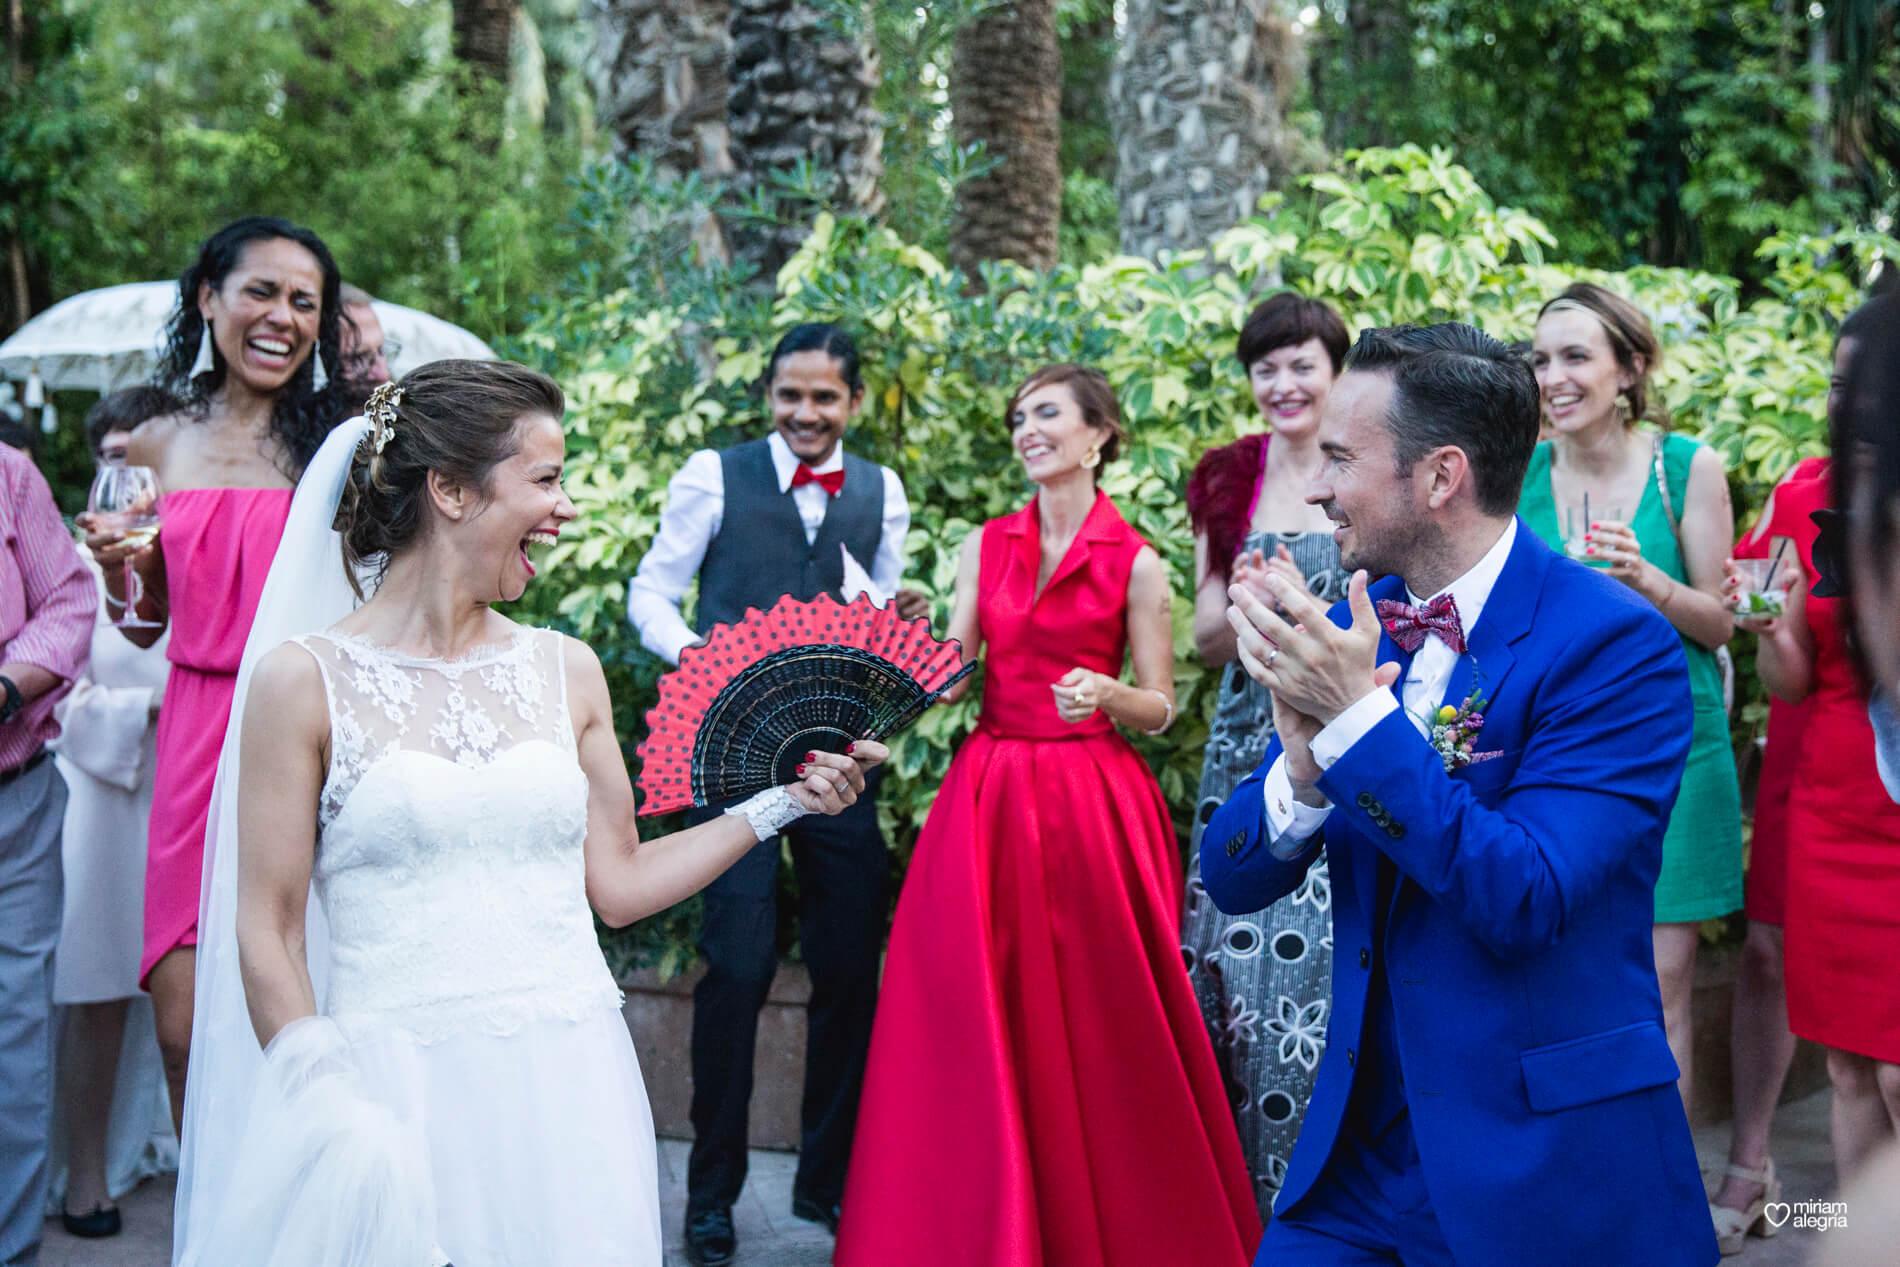 wedding-huerto-del-cura-elche-miriam-alegria-fotografos-boda-66